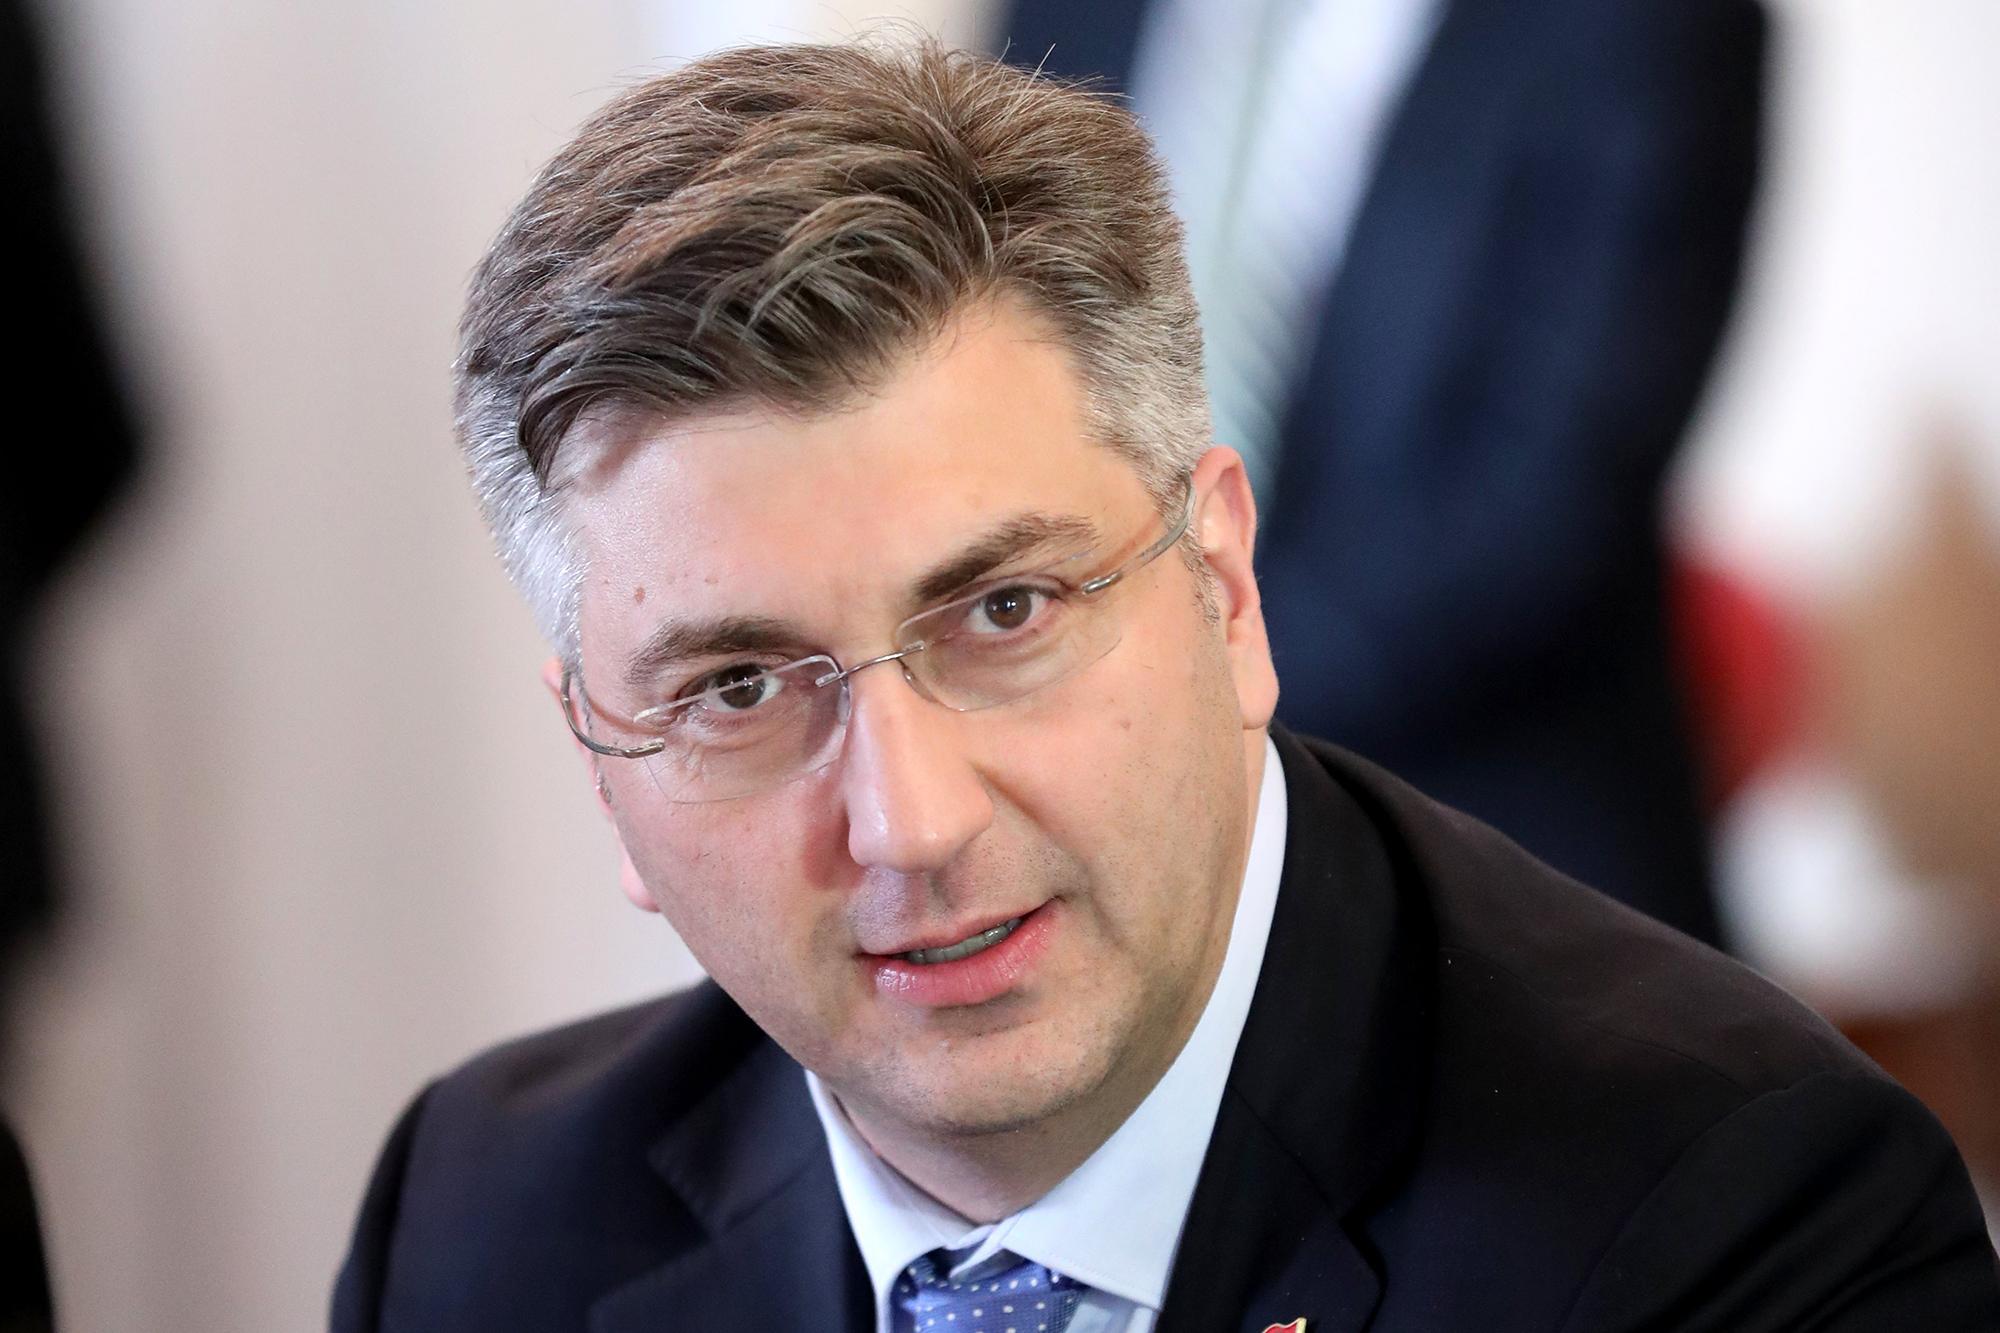 Schulterschluss mit Rechtsextremen: Für den kroatischen Premierminister Andrej Plenkovic ist das eine realistische Option.